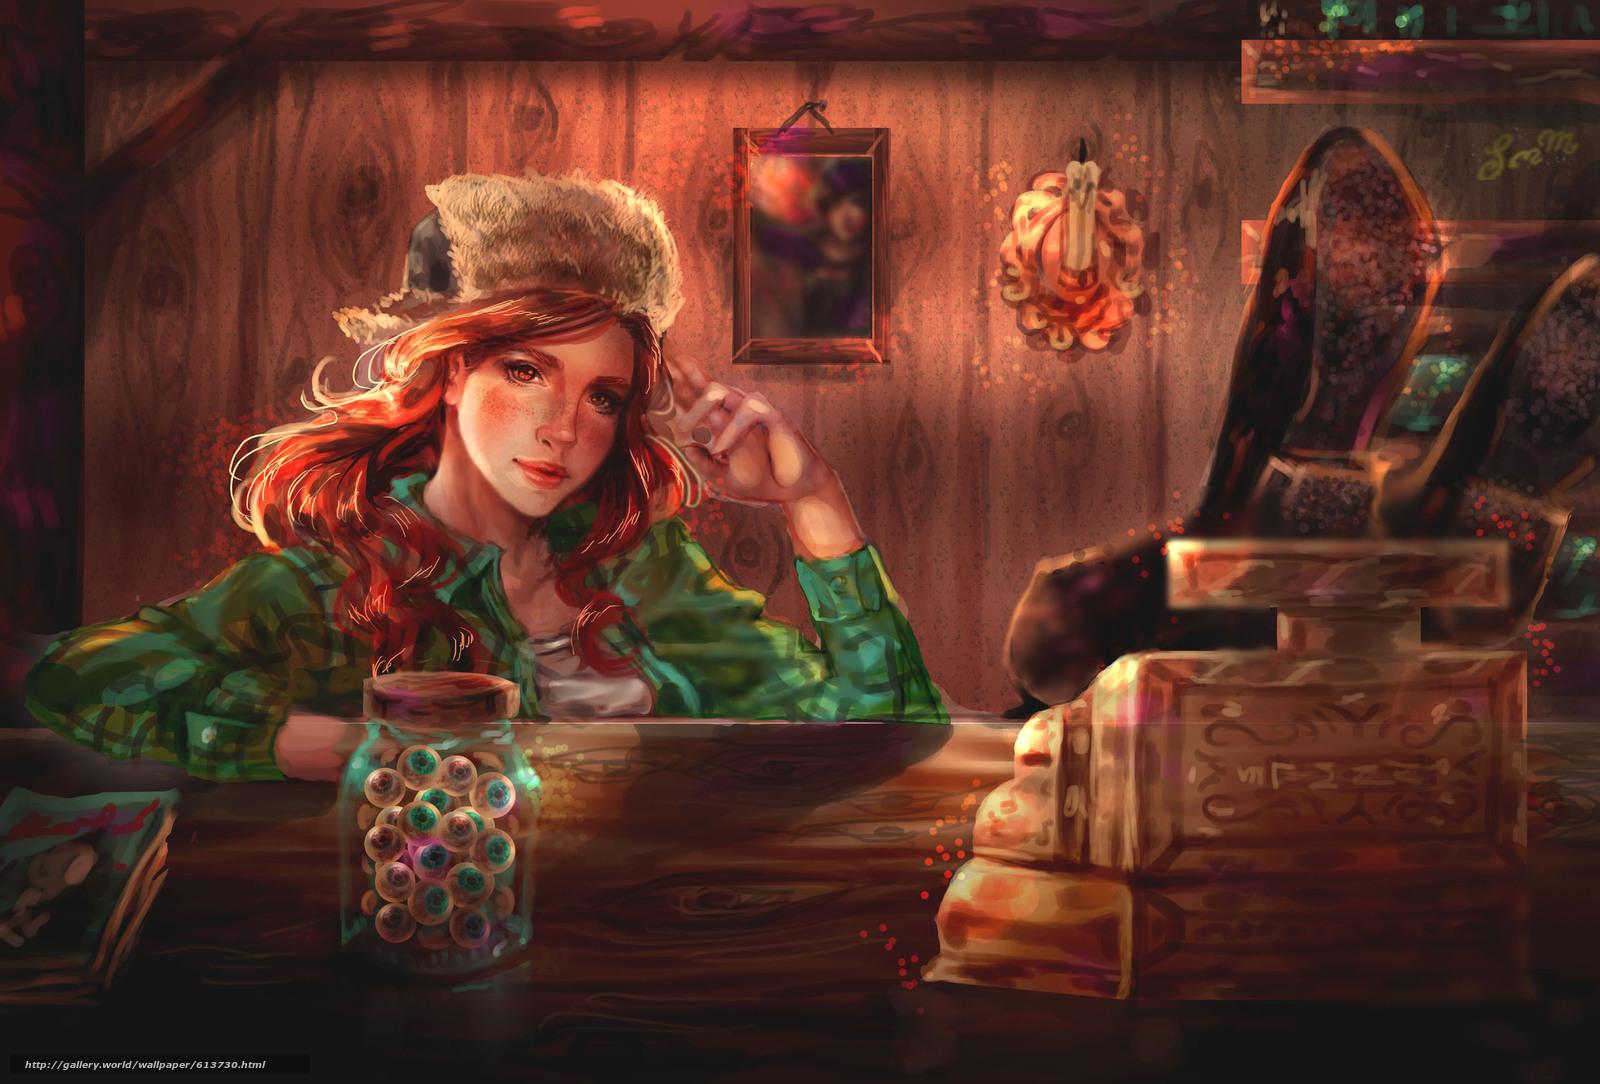 Скачать обои Gravity Falls, Wendy Corduroy, мультик, девушка, сапоги, шапка бесплатно для рабочего стола разрешением 3374x2285 —  картинка № 613730